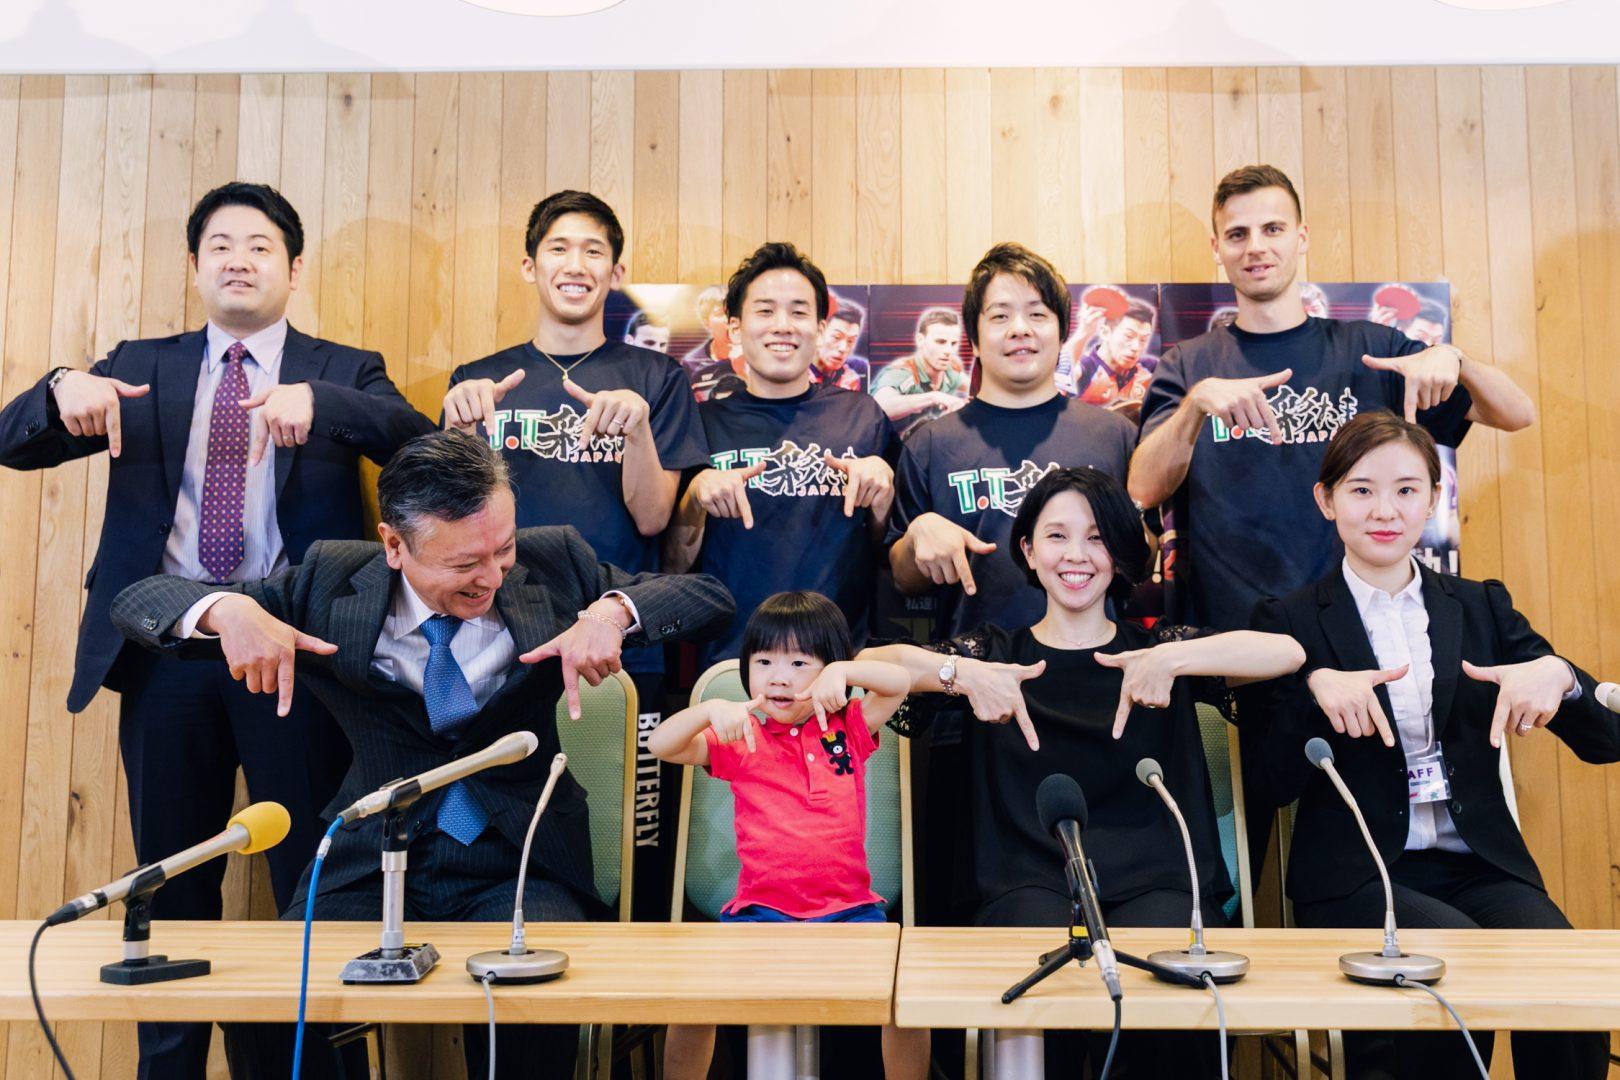 【卓球・Tリーグ】T.T彩たま、異例の3才児の入団会見 第二の福原愛への期待高まる